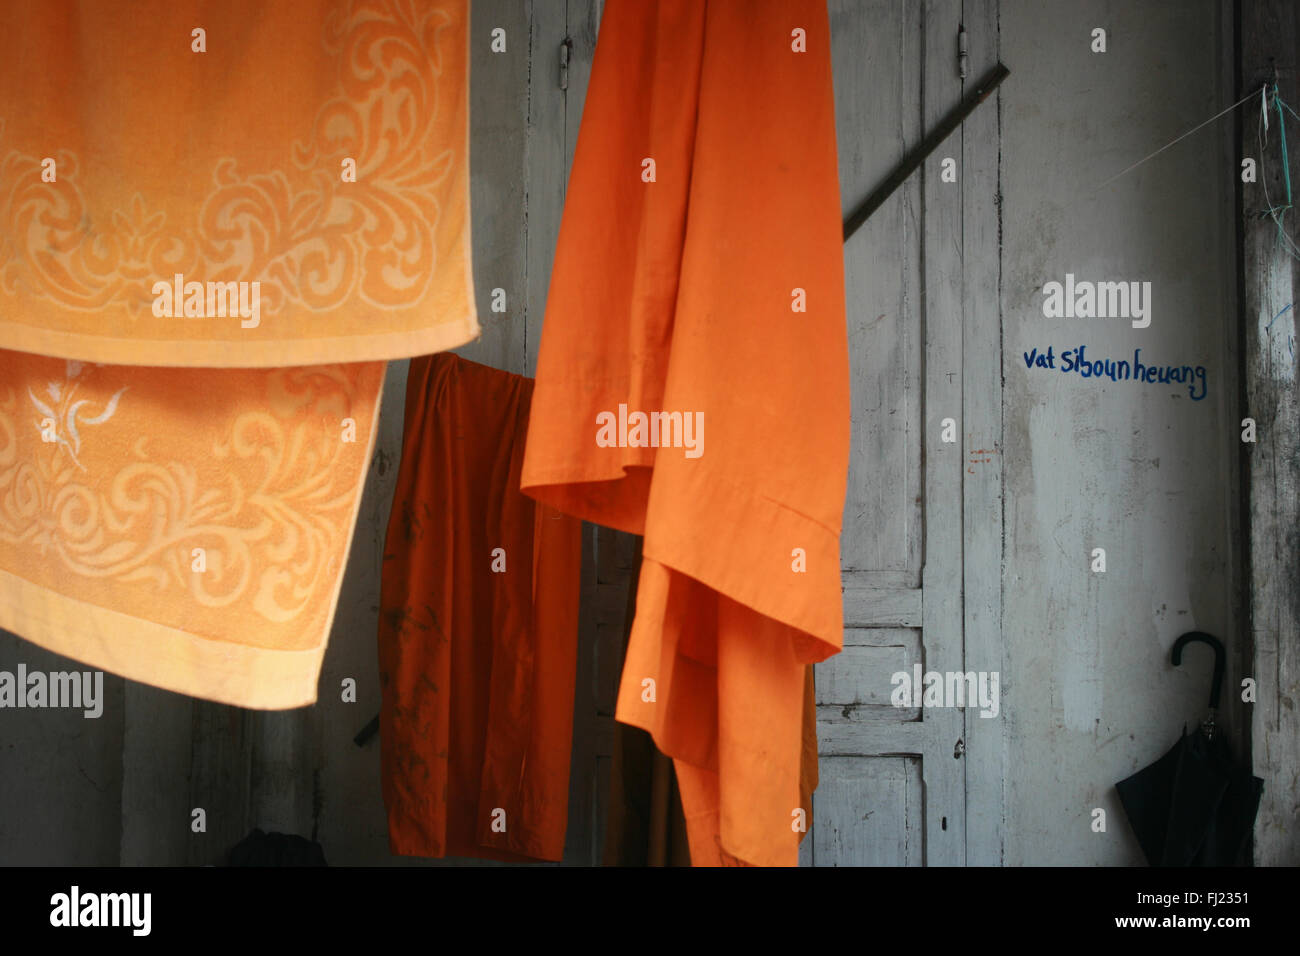 Orange safran colorata abito tradizionale monaco buddista a Luang Prabang, Laos, Asia Immagini Stock